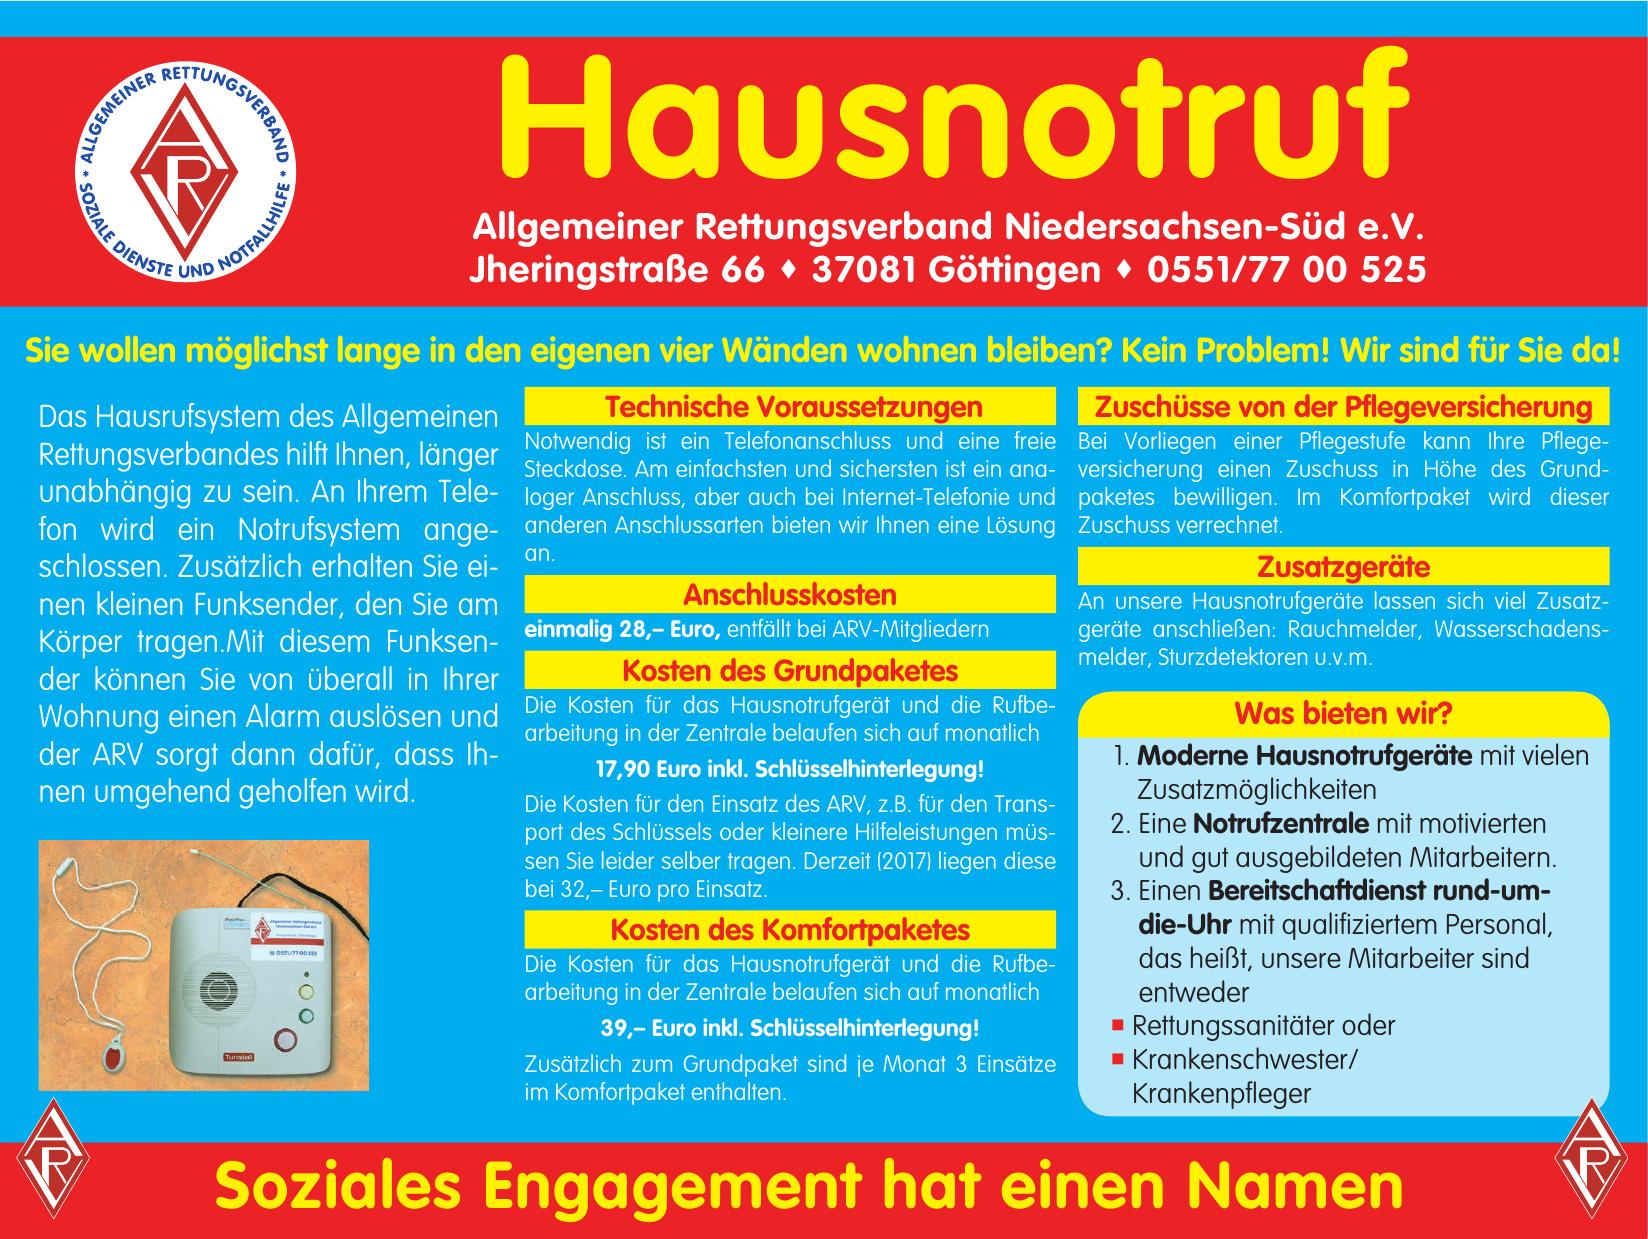 Hausnotruf - Allgemeiner Rettungsverband Niedersachsen-Süd e.V.